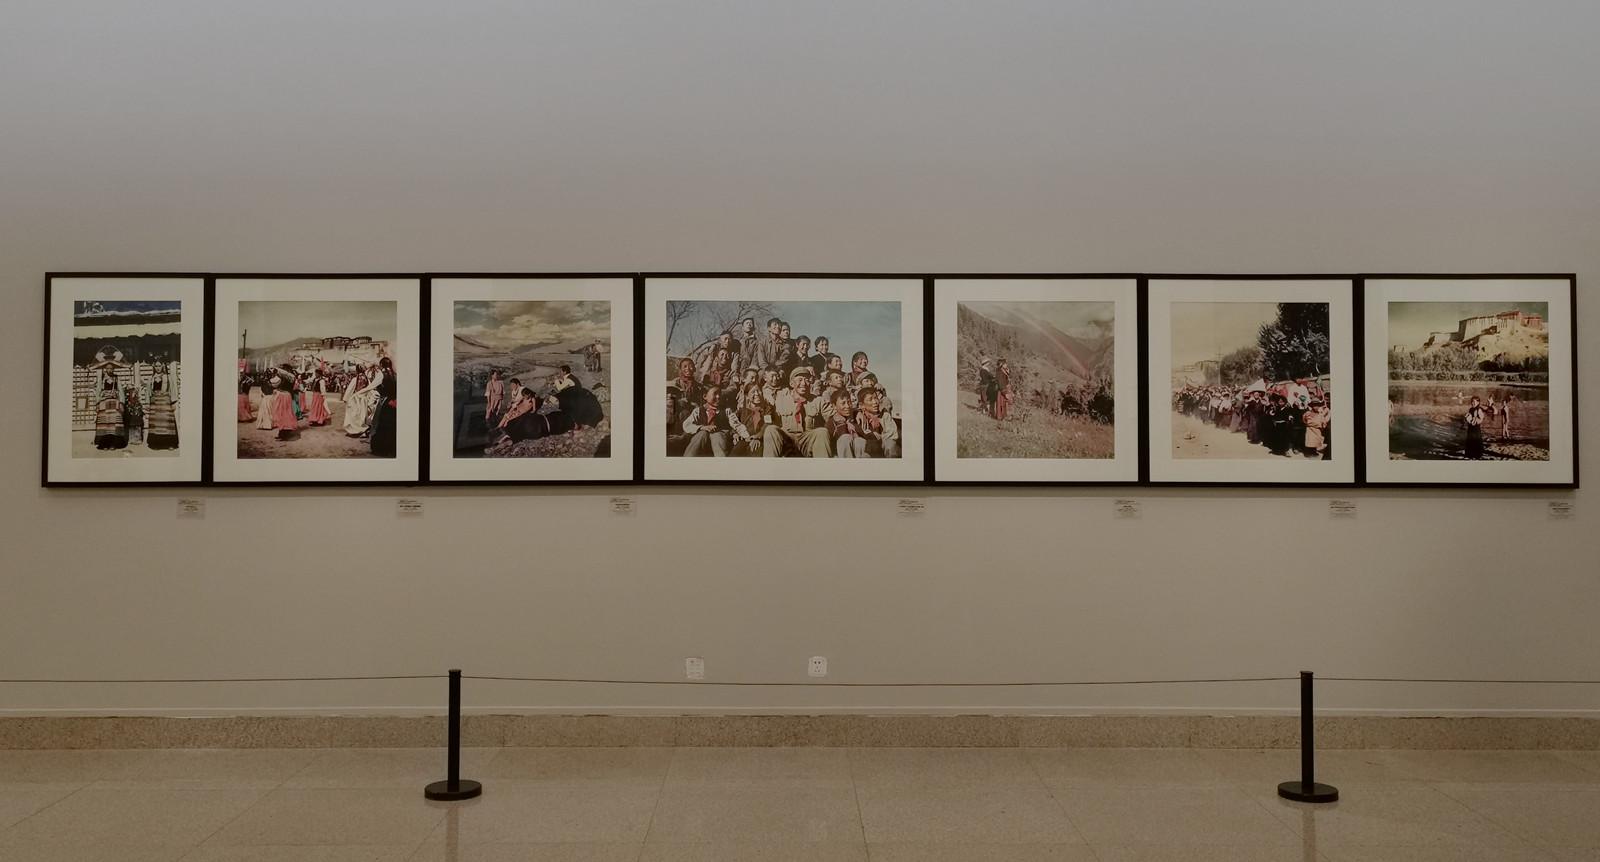 实拍|二十世纪中国摄影孤本原作  穿越时光见证光影里的故事